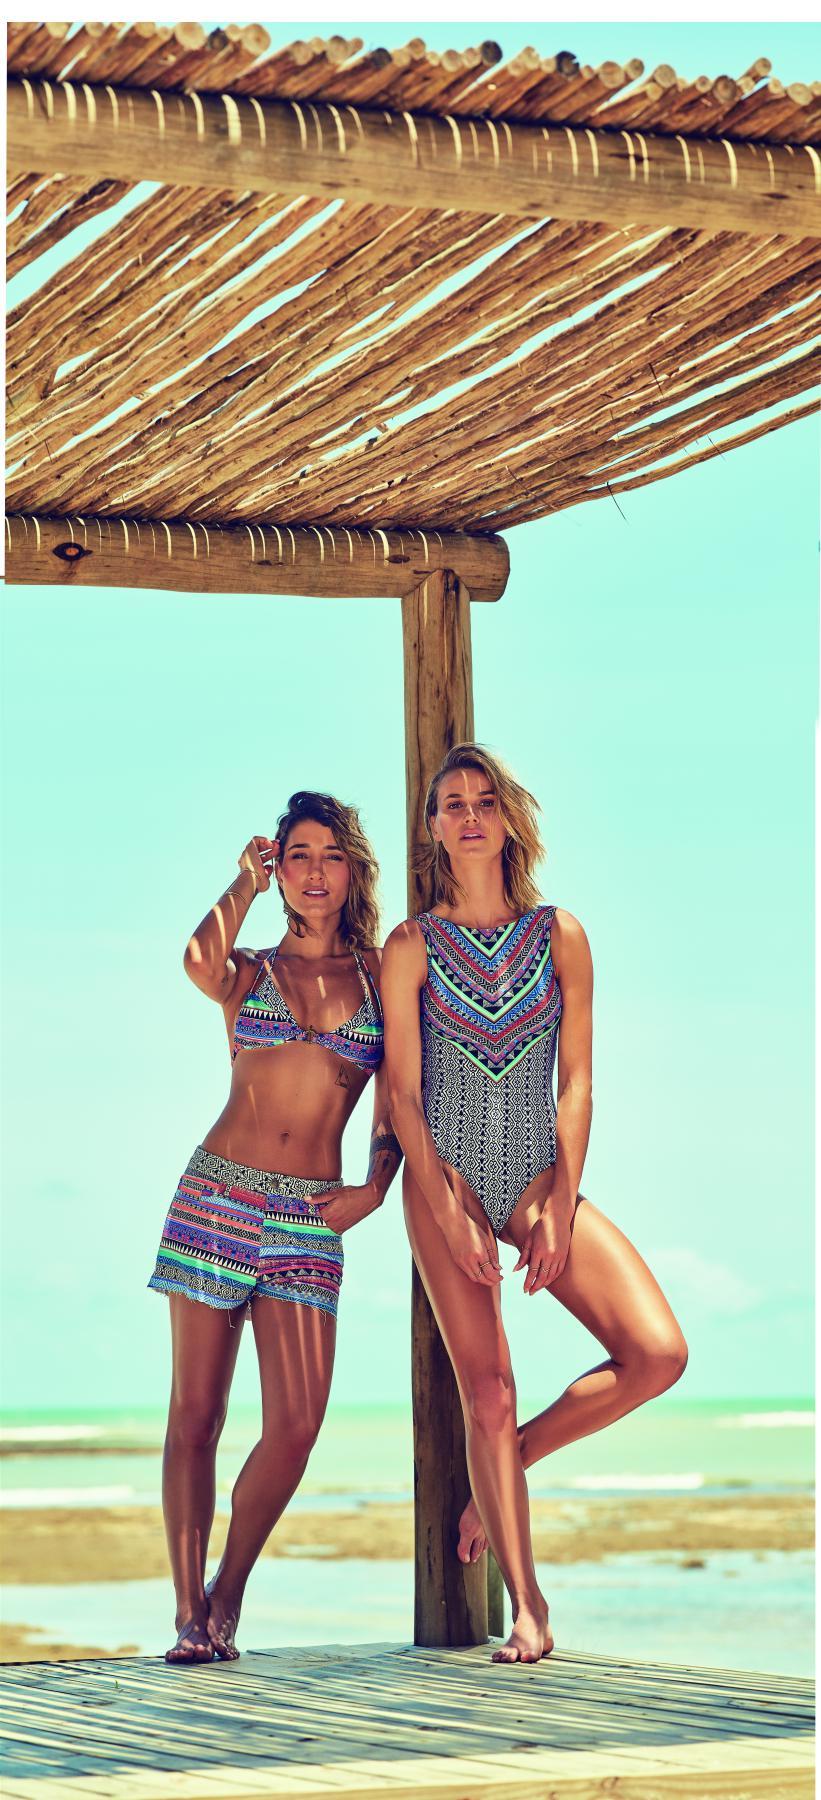 a9e1a6b4f5cf Gabriela Pugliesi e Renata Kuerten estrelam campanha da C&A Collection Cia.  Marítima | Torcedores.com